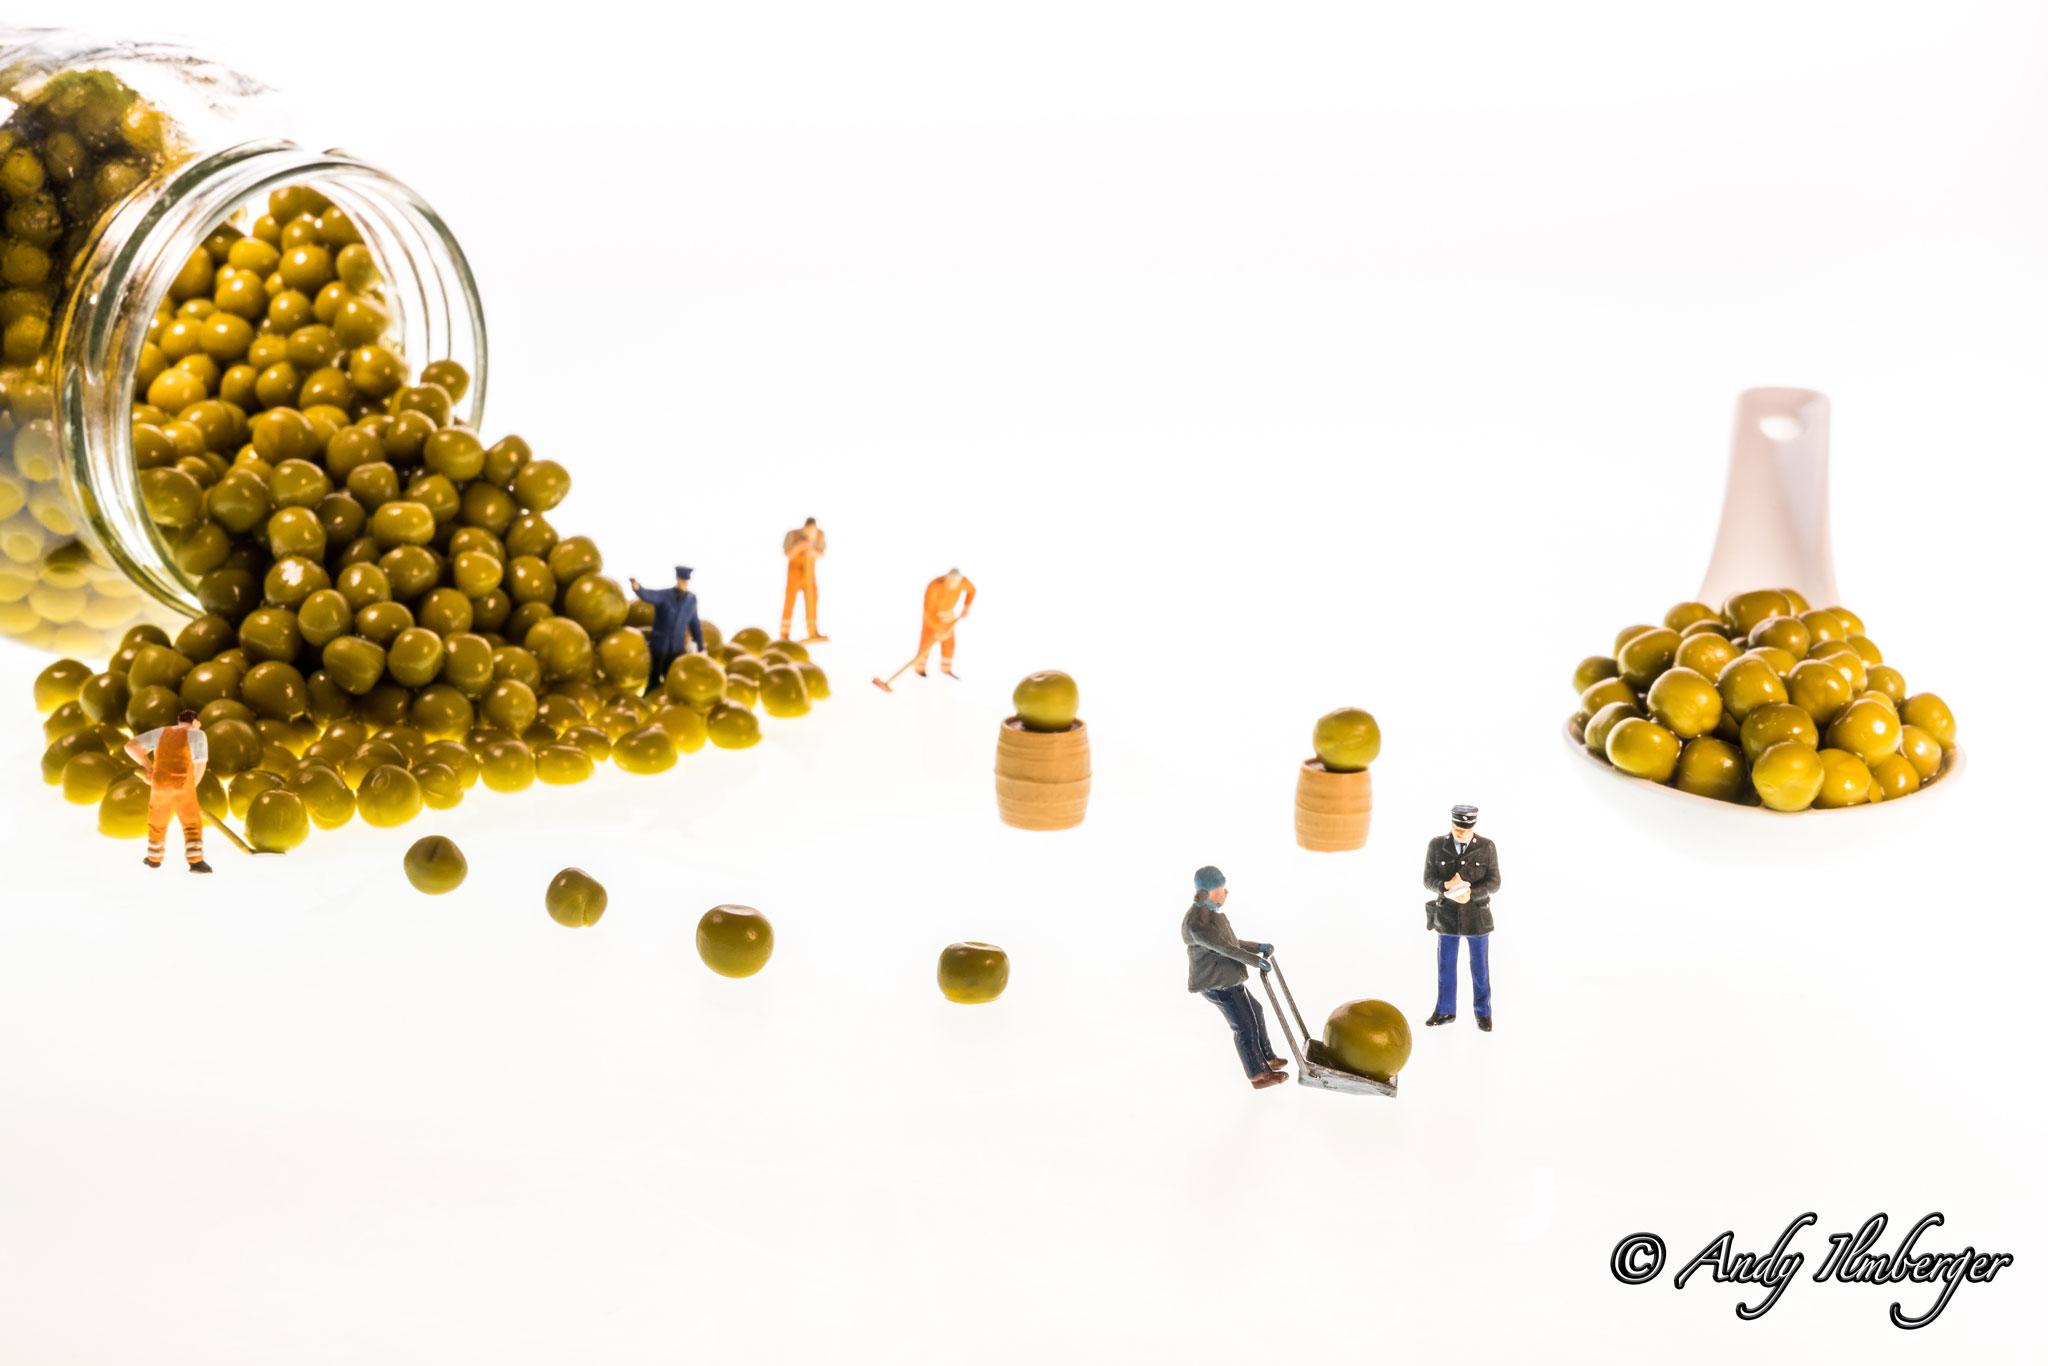 H0-Helden - Erbsenzähler - H0-Figuren in Szene gesetzt von © Andy Ilmberger im Kleine-Helden.Club